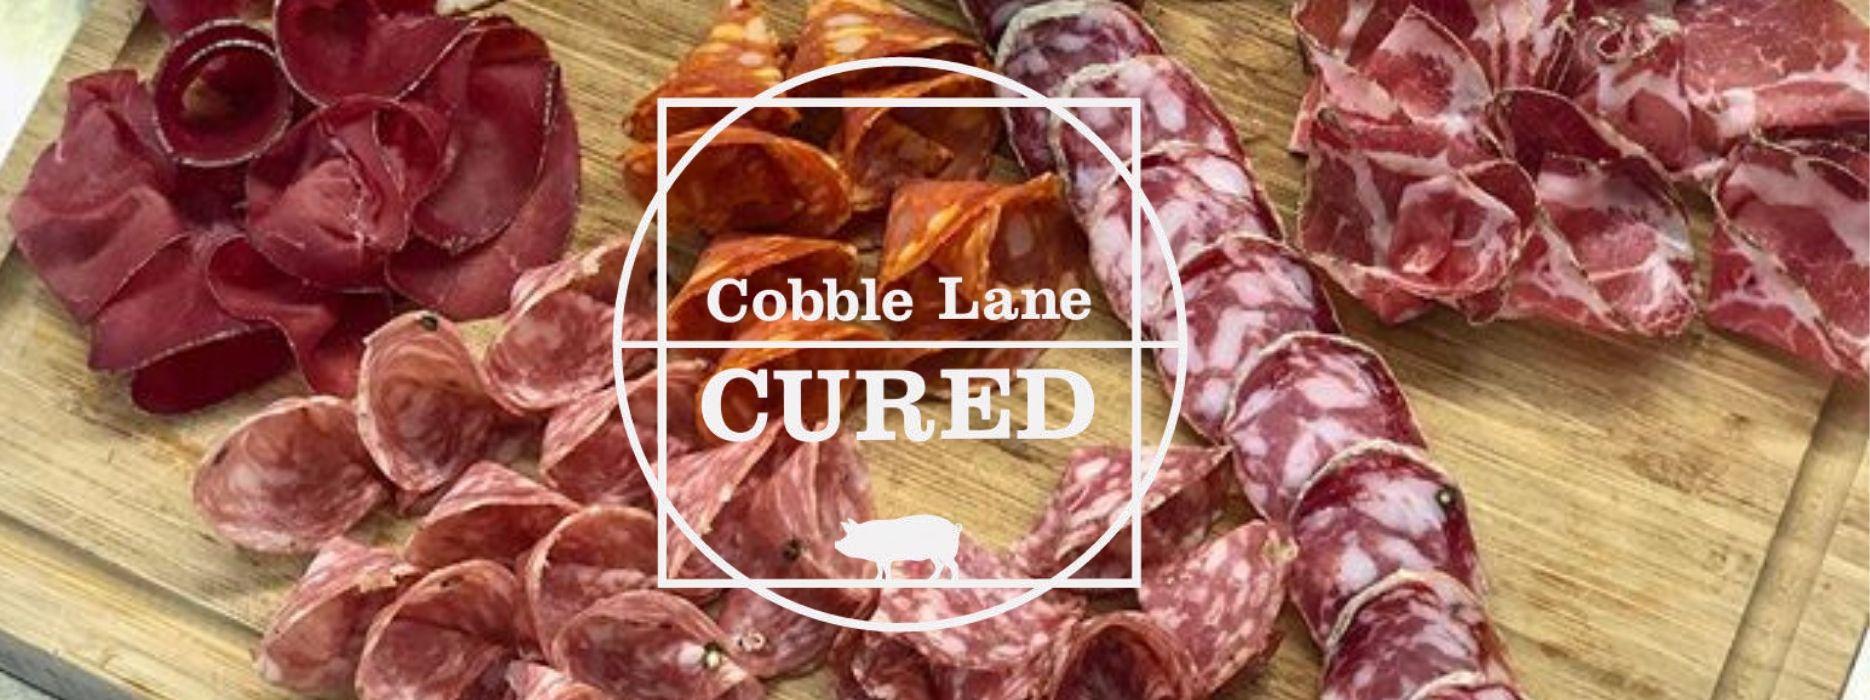 Cobble Lane Cured